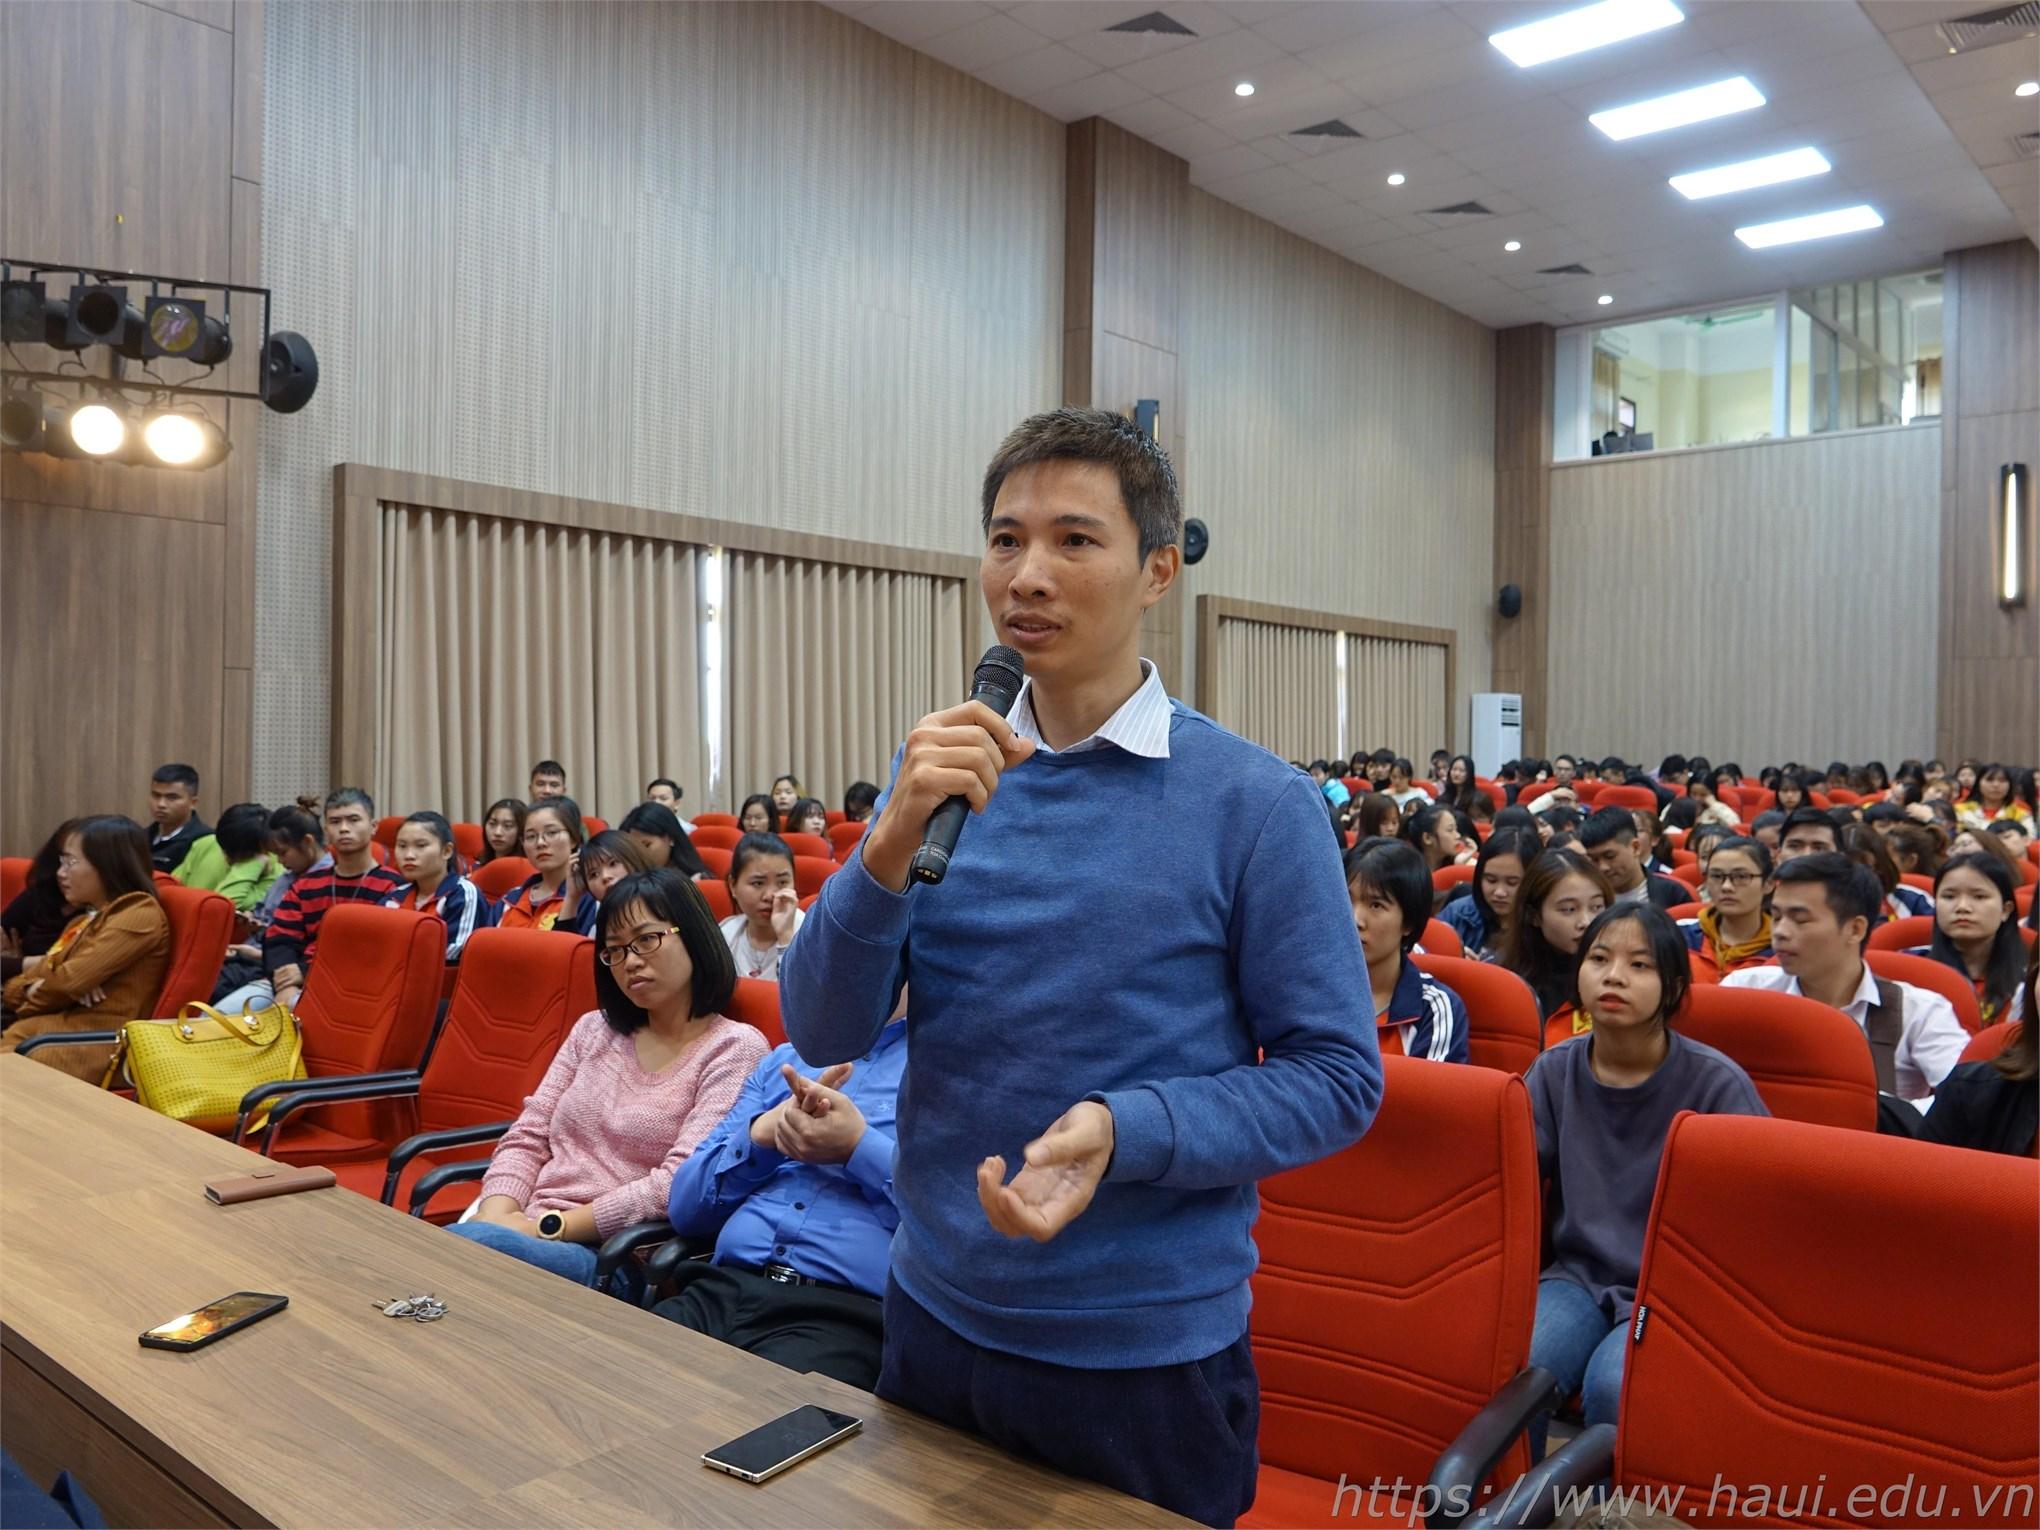 Hơn 400 sinh viên Khoa Quản lý kinh doanh tham dự Hội thảo Kinh tế vĩ mô Việt Nam